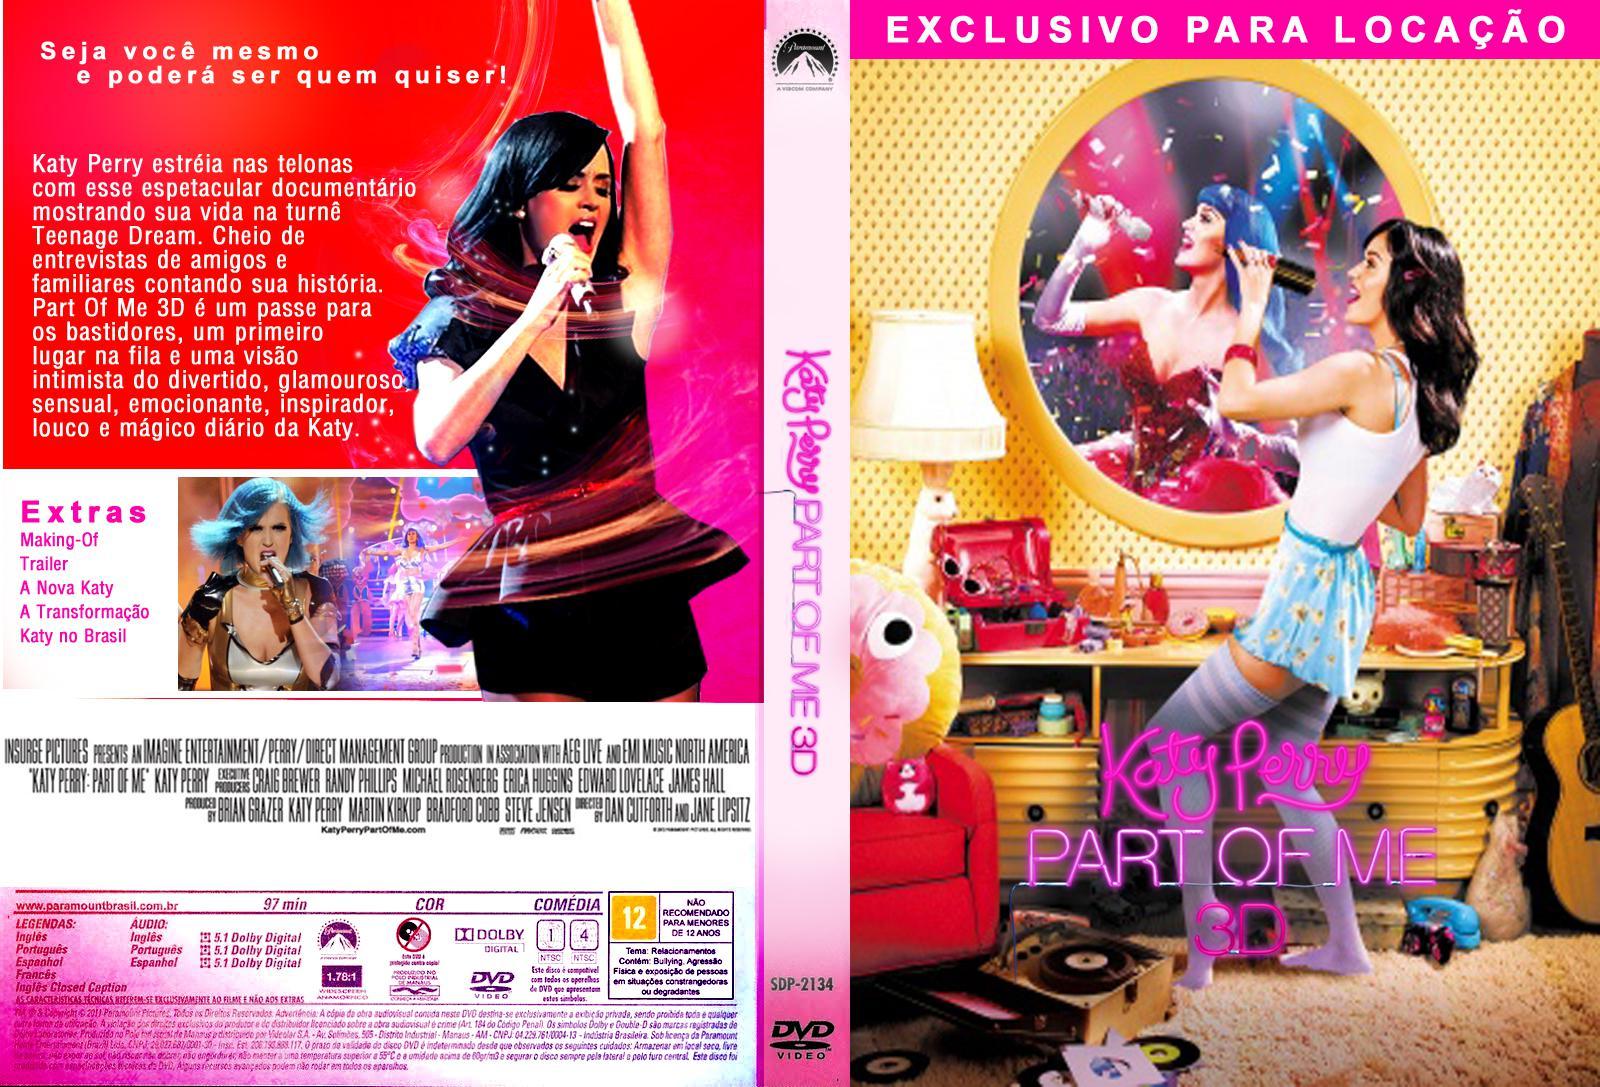 http://4.bp.blogspot.com/-S71vcaNgGdg/UPb2O_O325I/AAAAAAAAc_A/RKWDmTF8dBM/s1600/katie+perry+part+of+me+(1).jpg